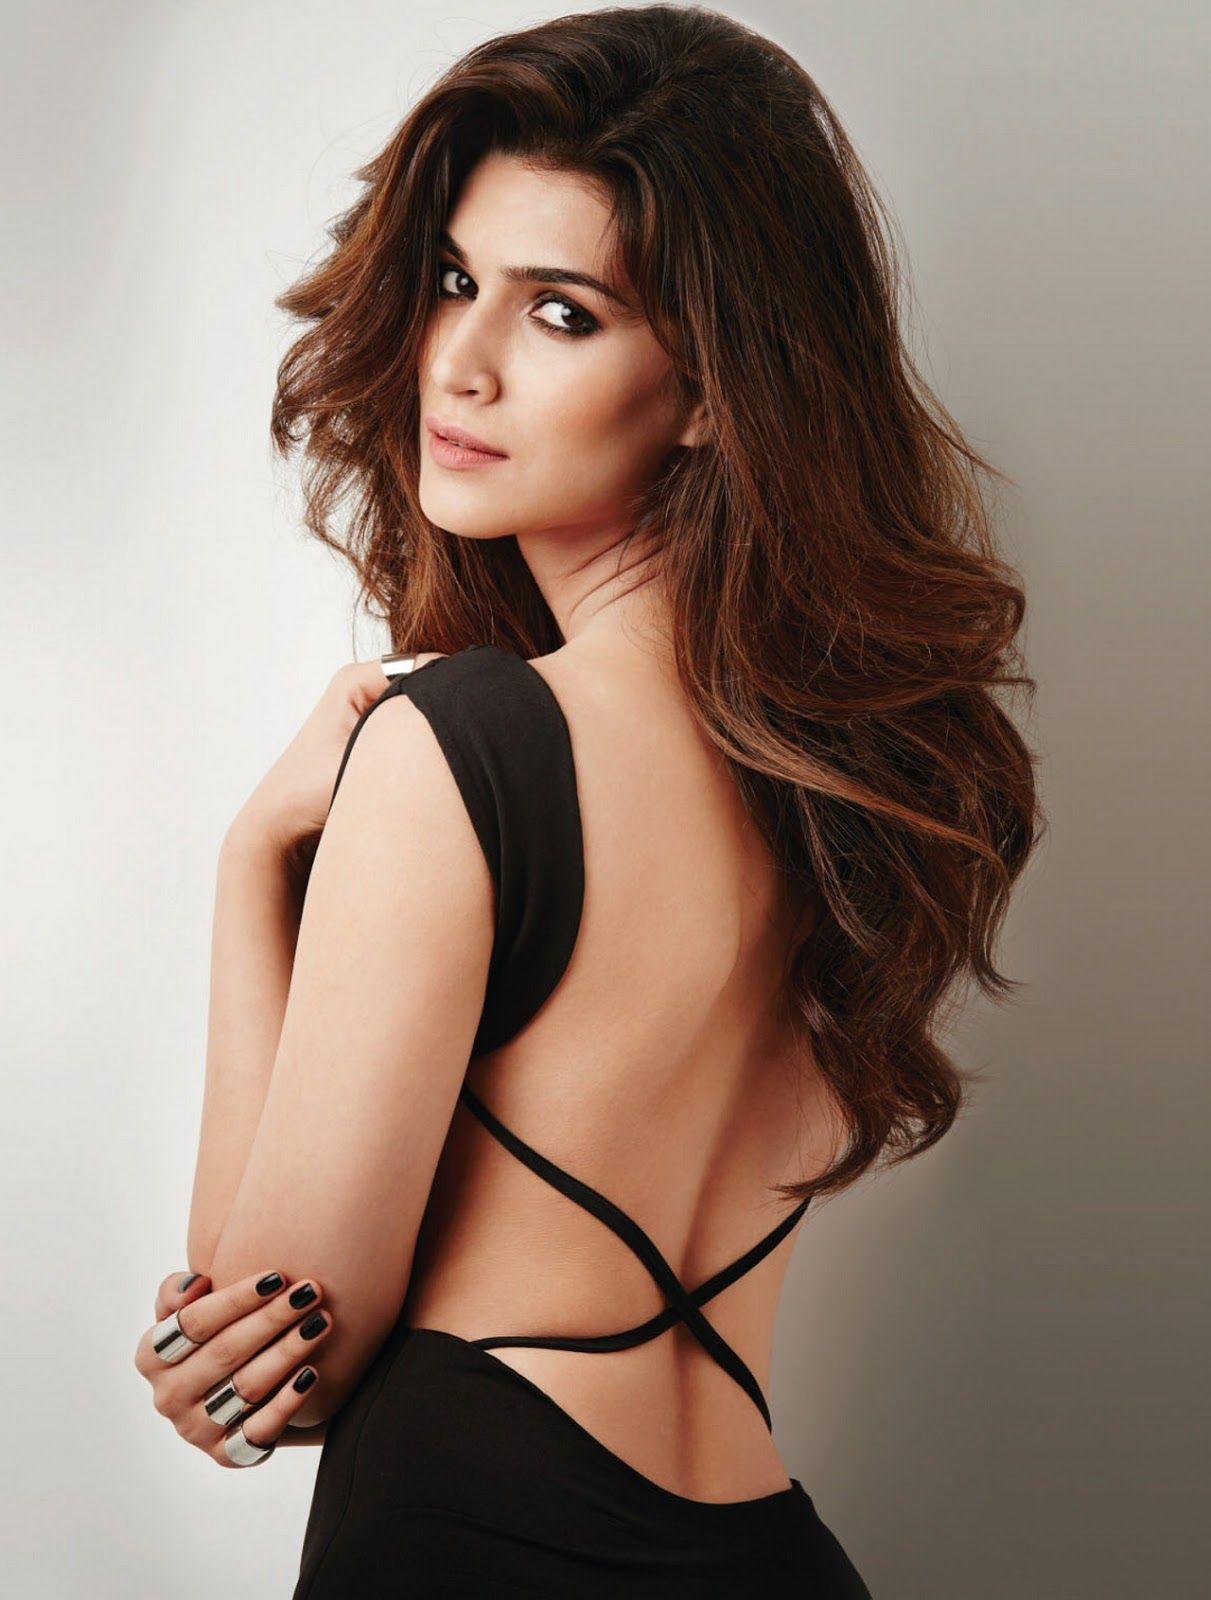 Kriti Sanons Photoshoot For Femina India Bollywood Fashion Style Beauty Hot Sexy